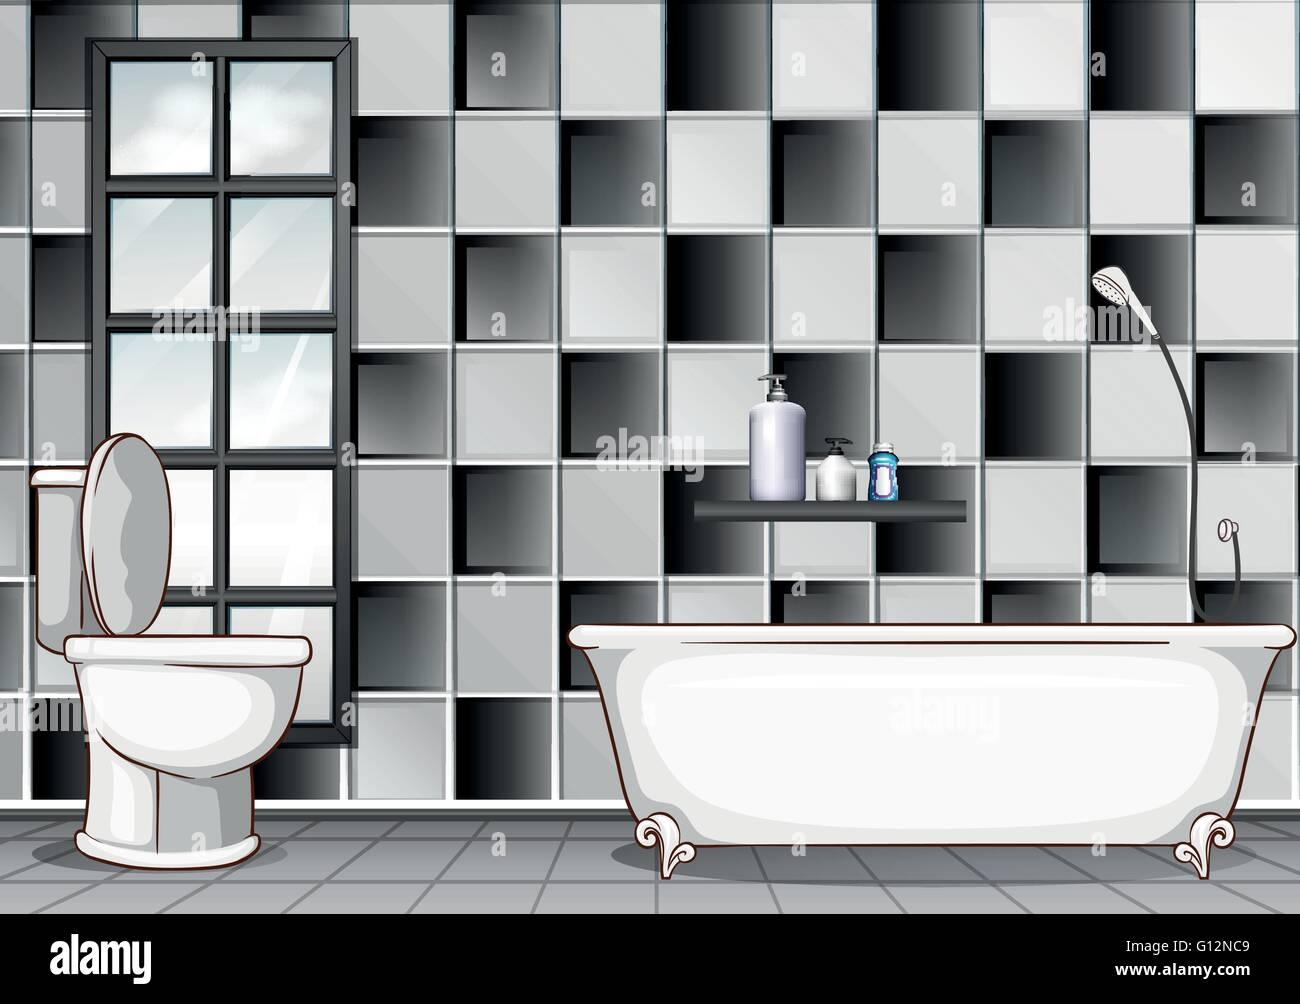 Bagno con piastrelle bianche e nere illustrazione illustrazione